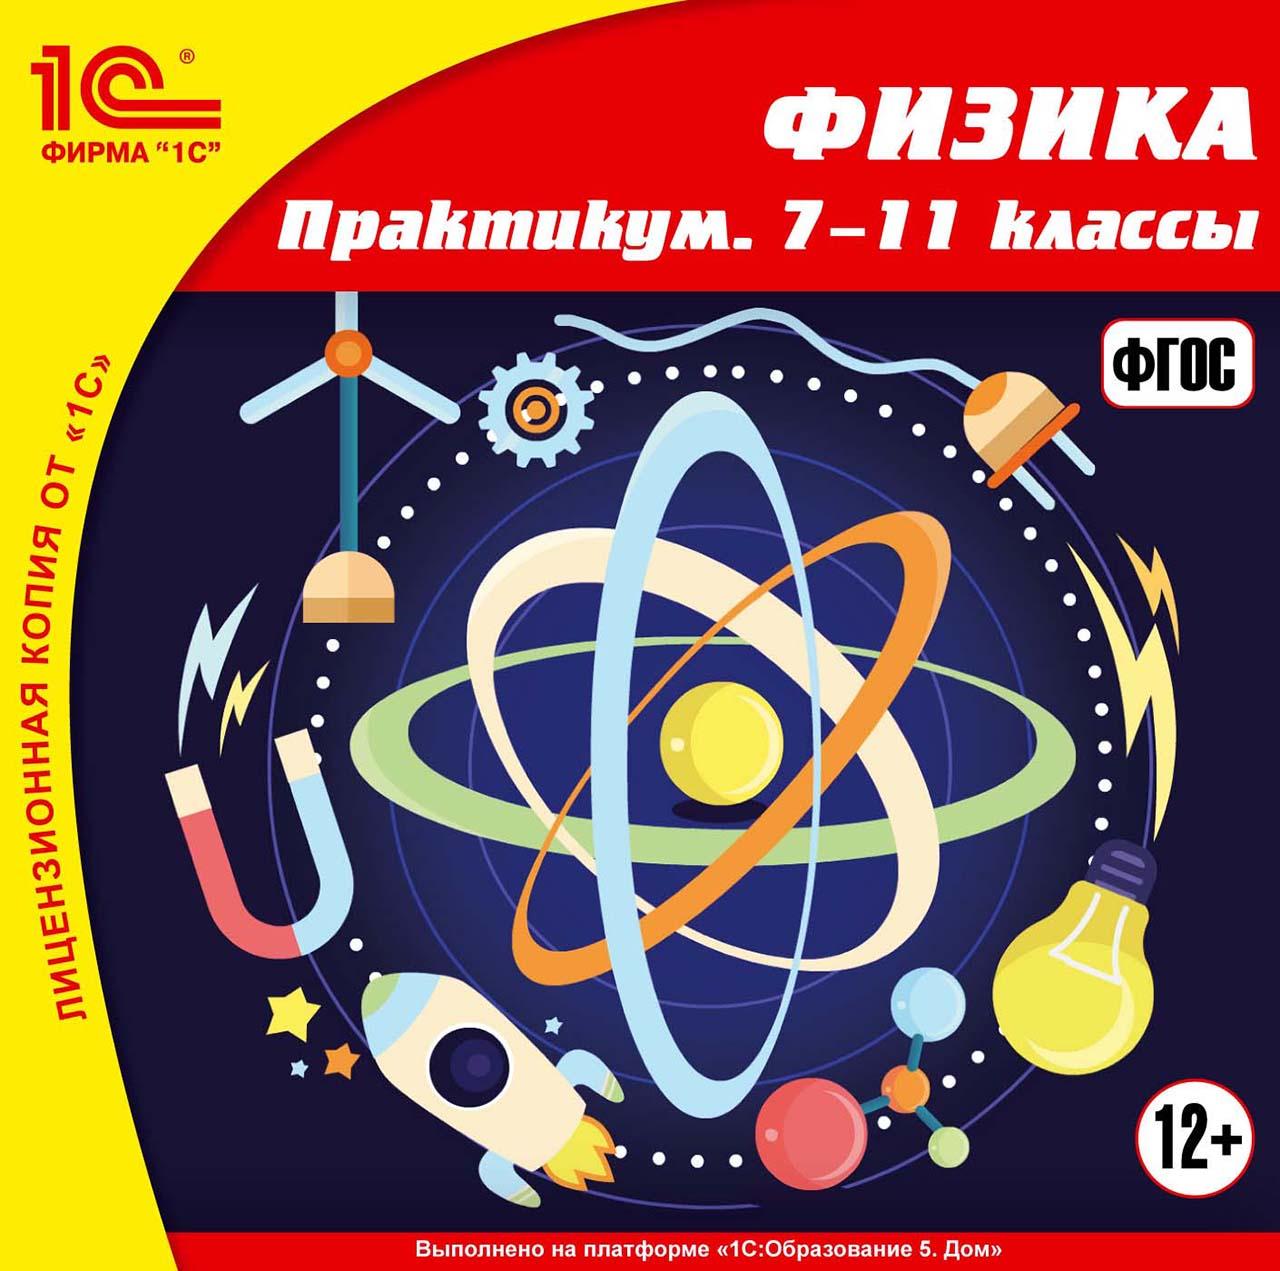 Физика. Практикум. 7–11 классы [Цифровая версия] (Цифровая версия)